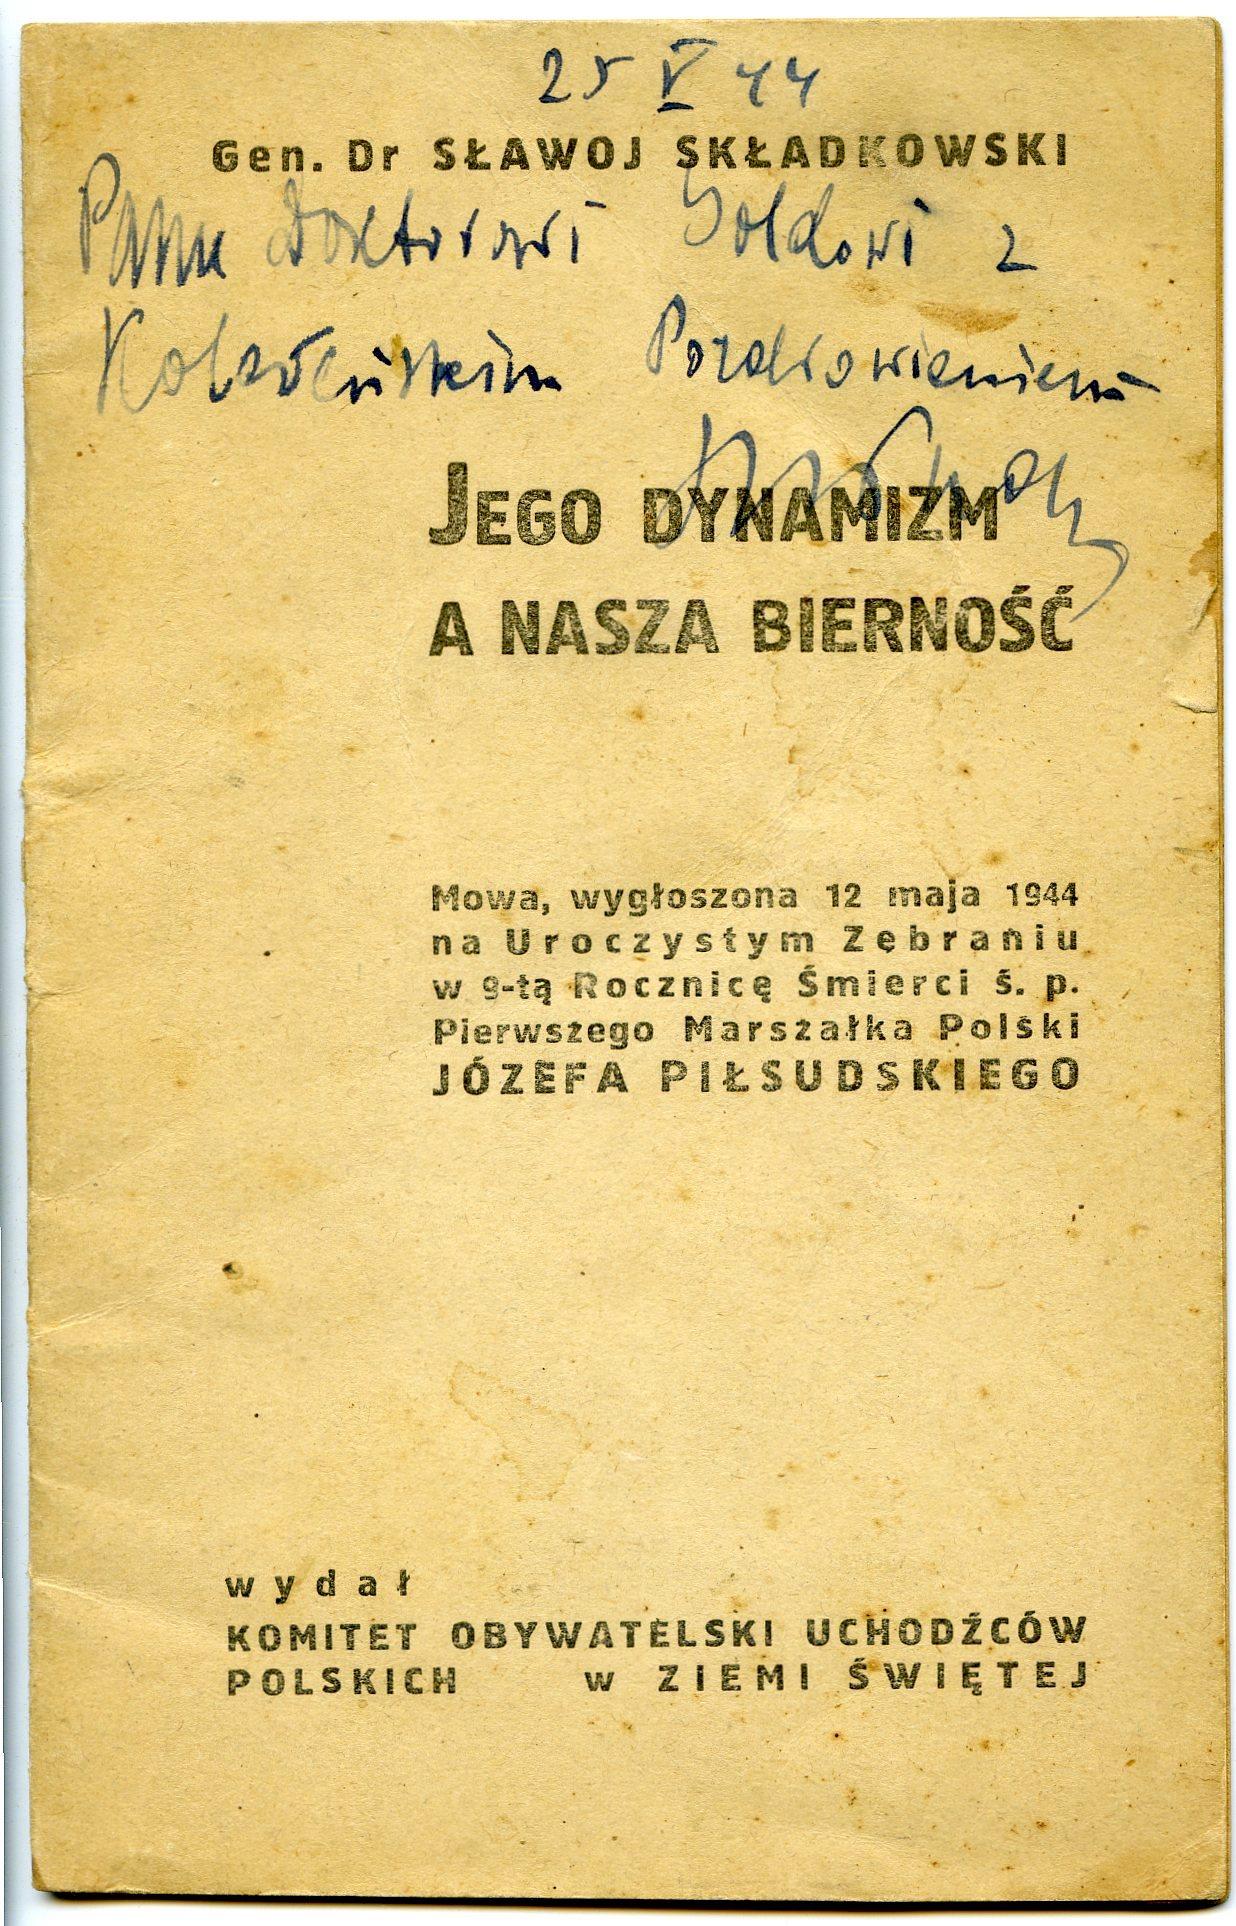 """<div class='inner-box'><div class='close-desc'></div><span class='opis'>Dedykacja: Felicjan Sławoj-Składkowski dla Jerzego Giedroycia. """"Jego dynamizm a nasza bierność"""", Mowa w 9-tą rocznicę śmierci Marszałka Piłsudskiego, Tel Aviv 1944.</span><div class='clearfix'></div><span>Sygn. dedyk048b</span><div class='clearfix'></div><span>© Instytut Literacki</span></div>"""